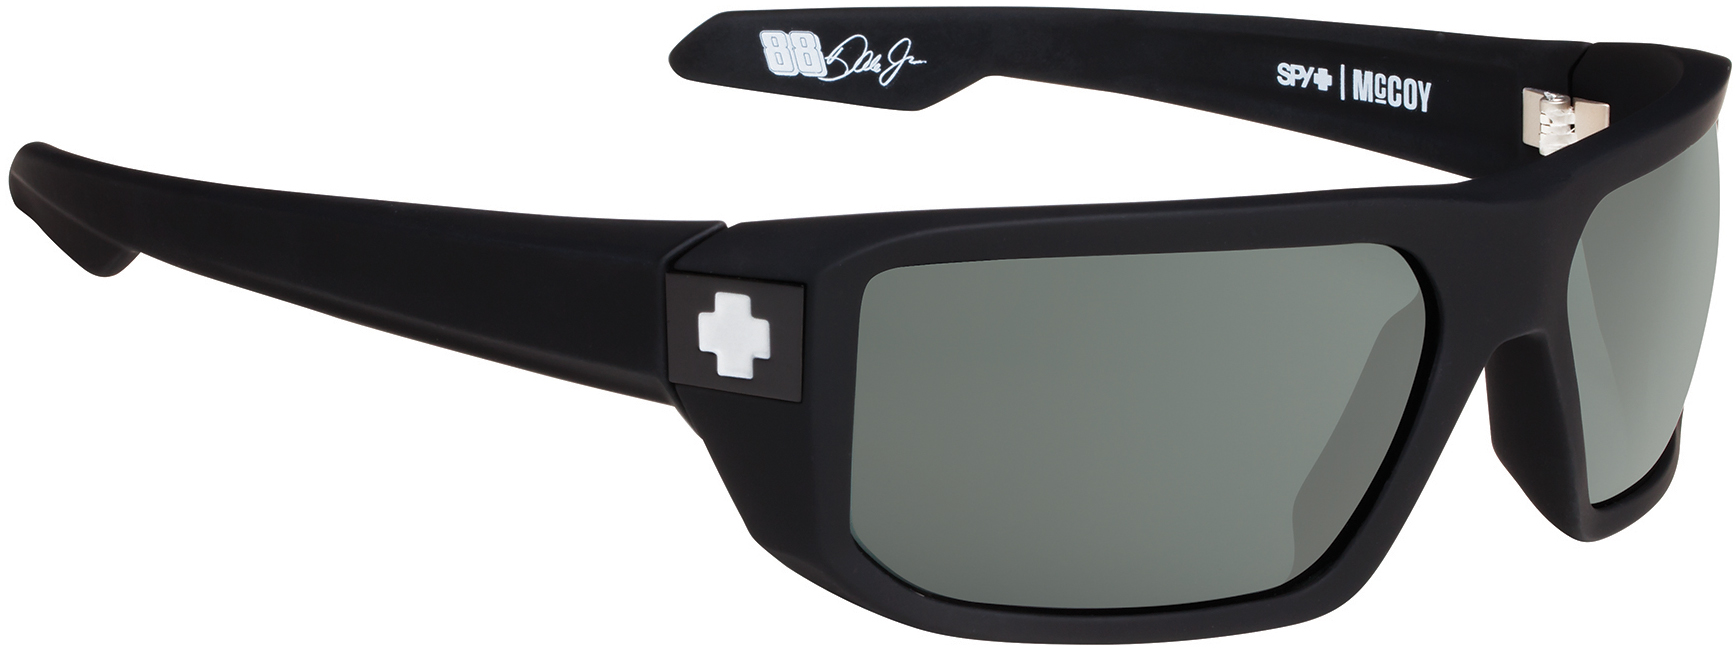 2cb3d1d61f Spy+ McCoy Sunglasses - Unisex